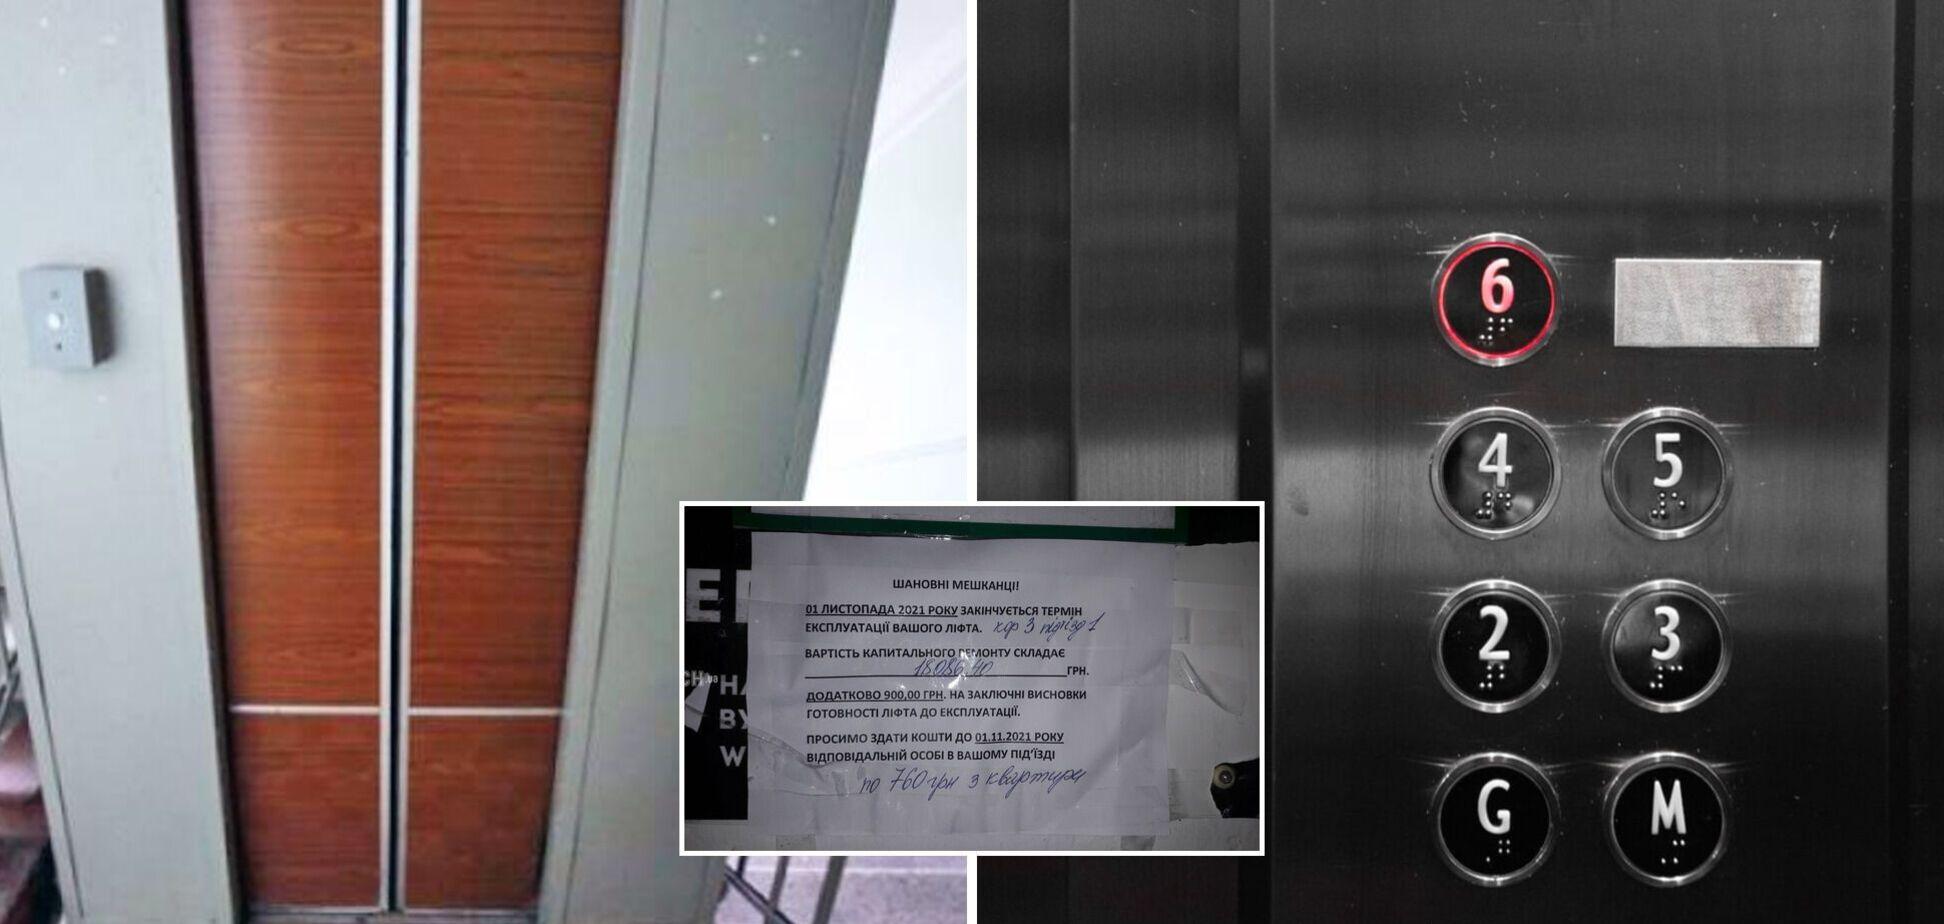 Ліфтом можна скористатися лише за гроші: в Херсоні розгорілися дискусії навколо 'ноу-хау'. Фото